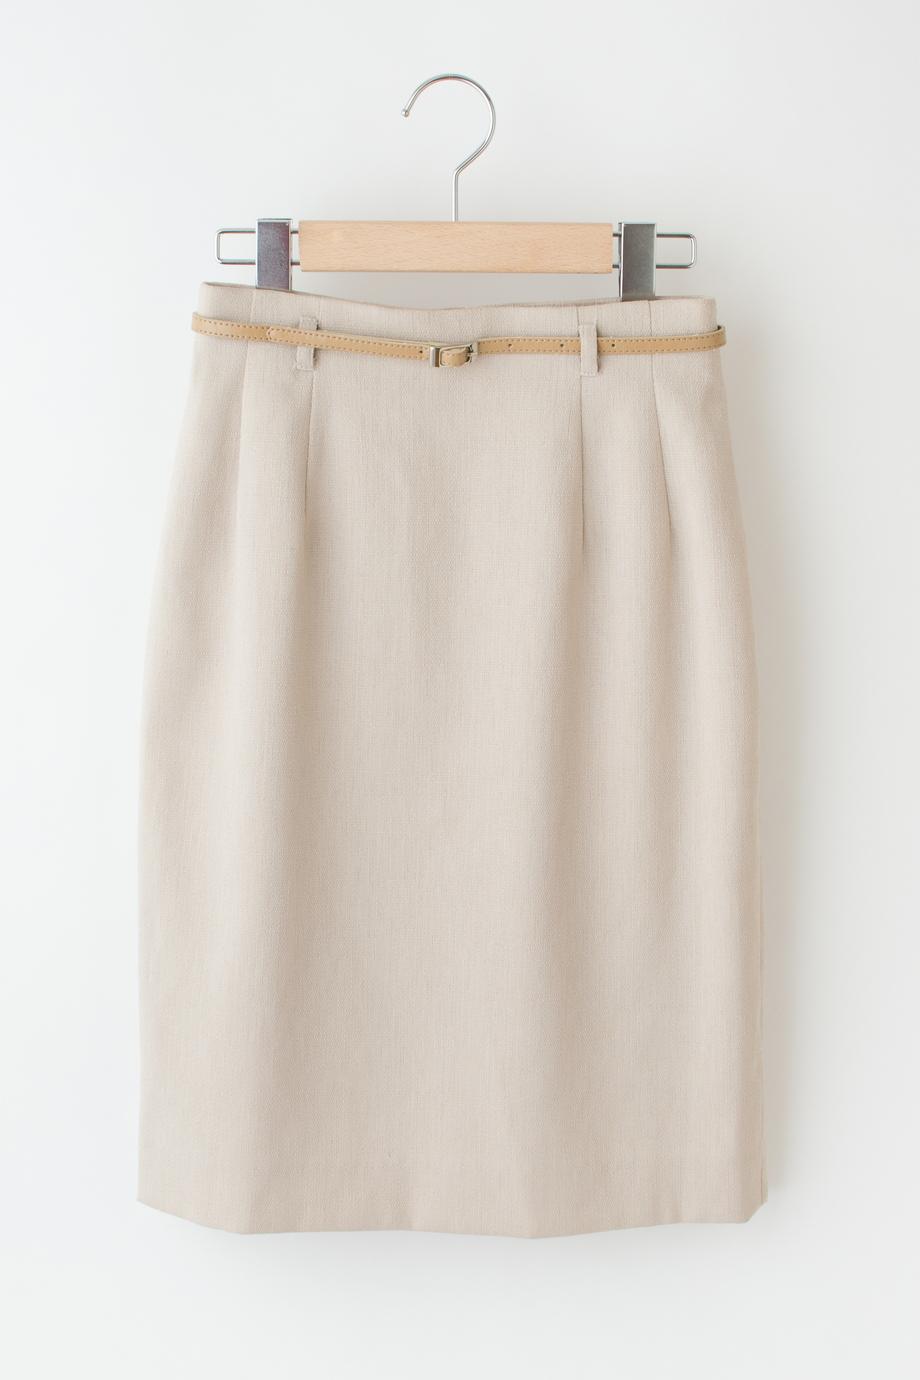 スカート吊るし撮り元画像